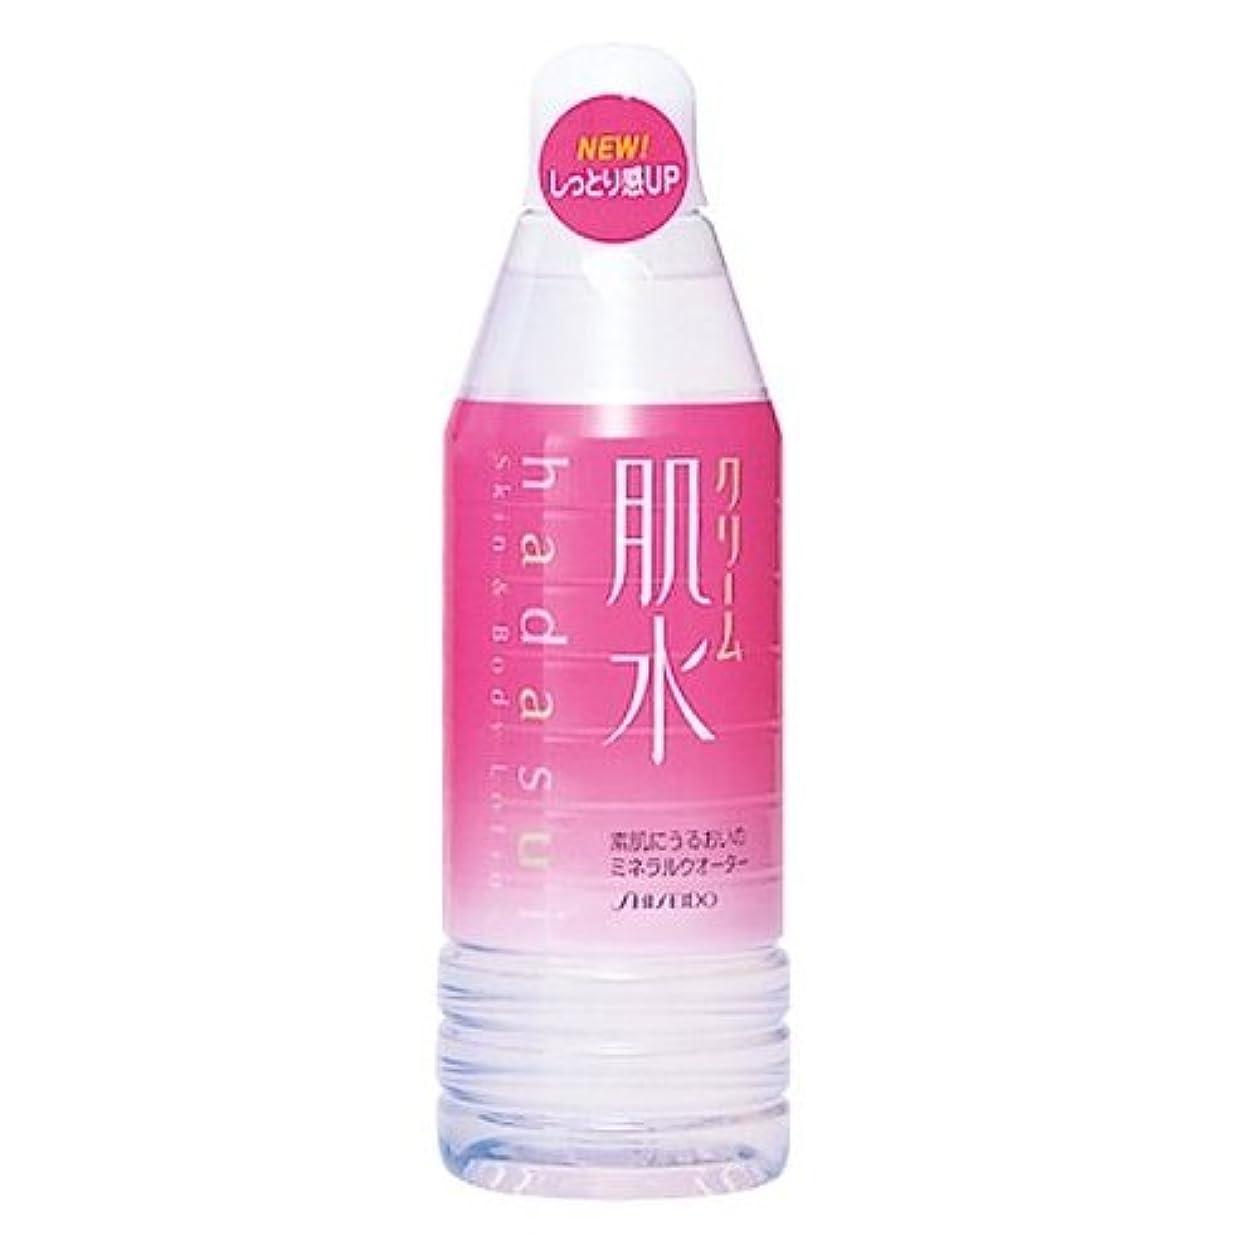 クリーム肌水 400ml ボトルタイプ